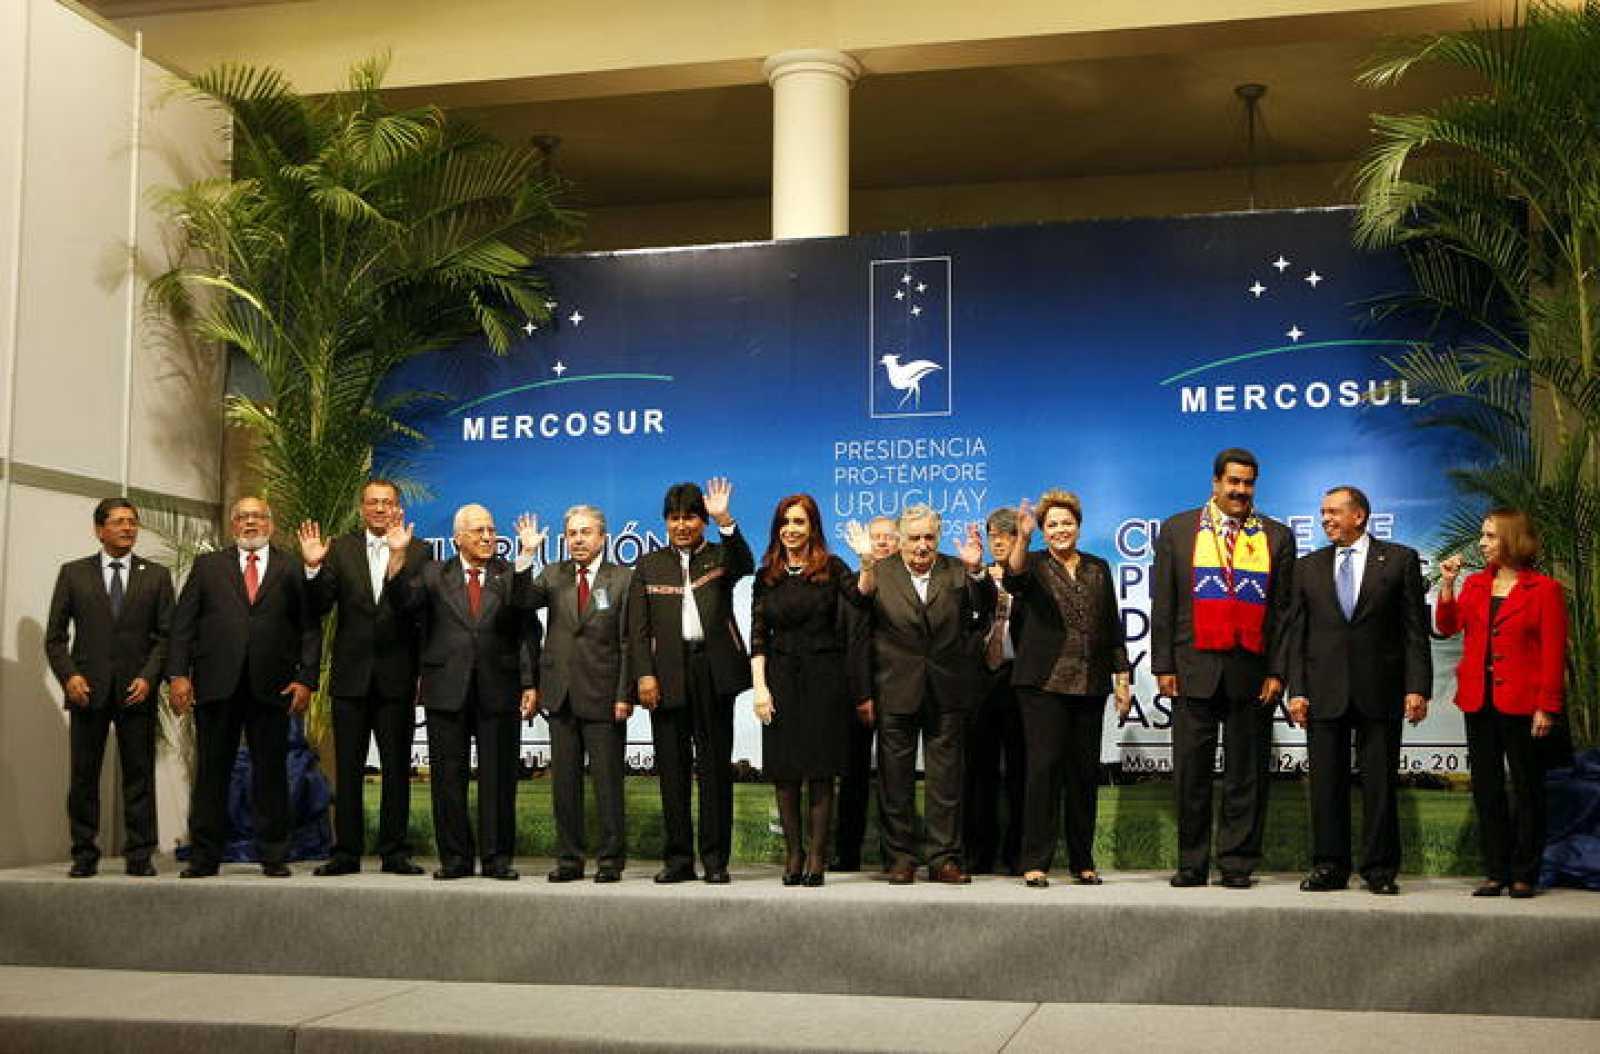 Los presidentes y representantes de los países del Cono Sur posan hoy, viernes 12 de julio de 2013, al inicio de la Cumbre del Mercosur en la sede del organismo en Montevideo (Uruguay)